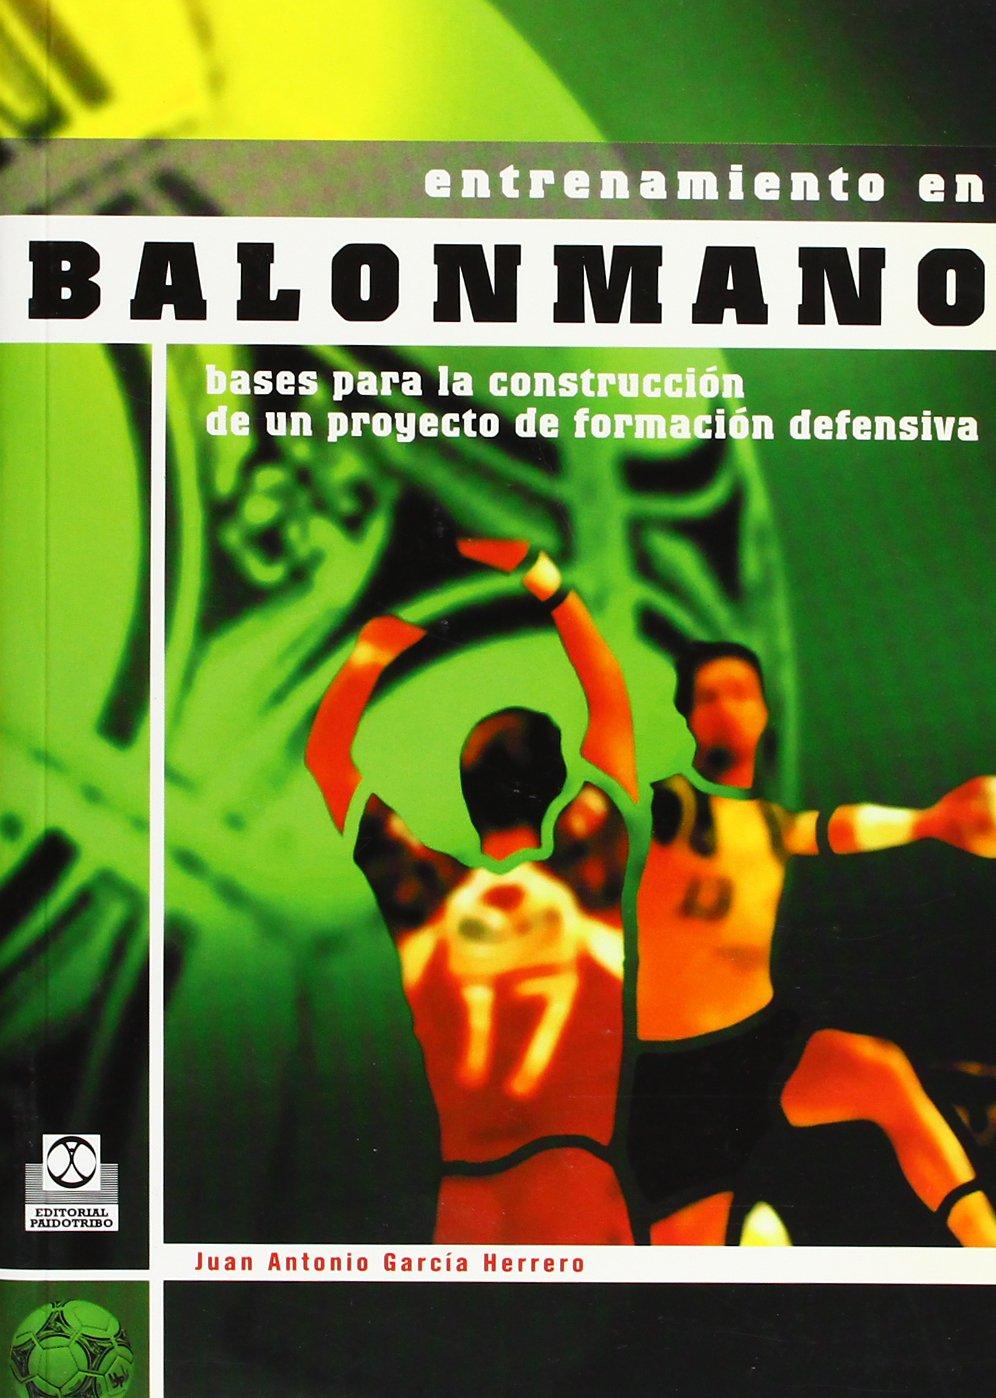 Entrenamiento en Balonmano (Spanish Edition) by Zagier & Urruty Pubns